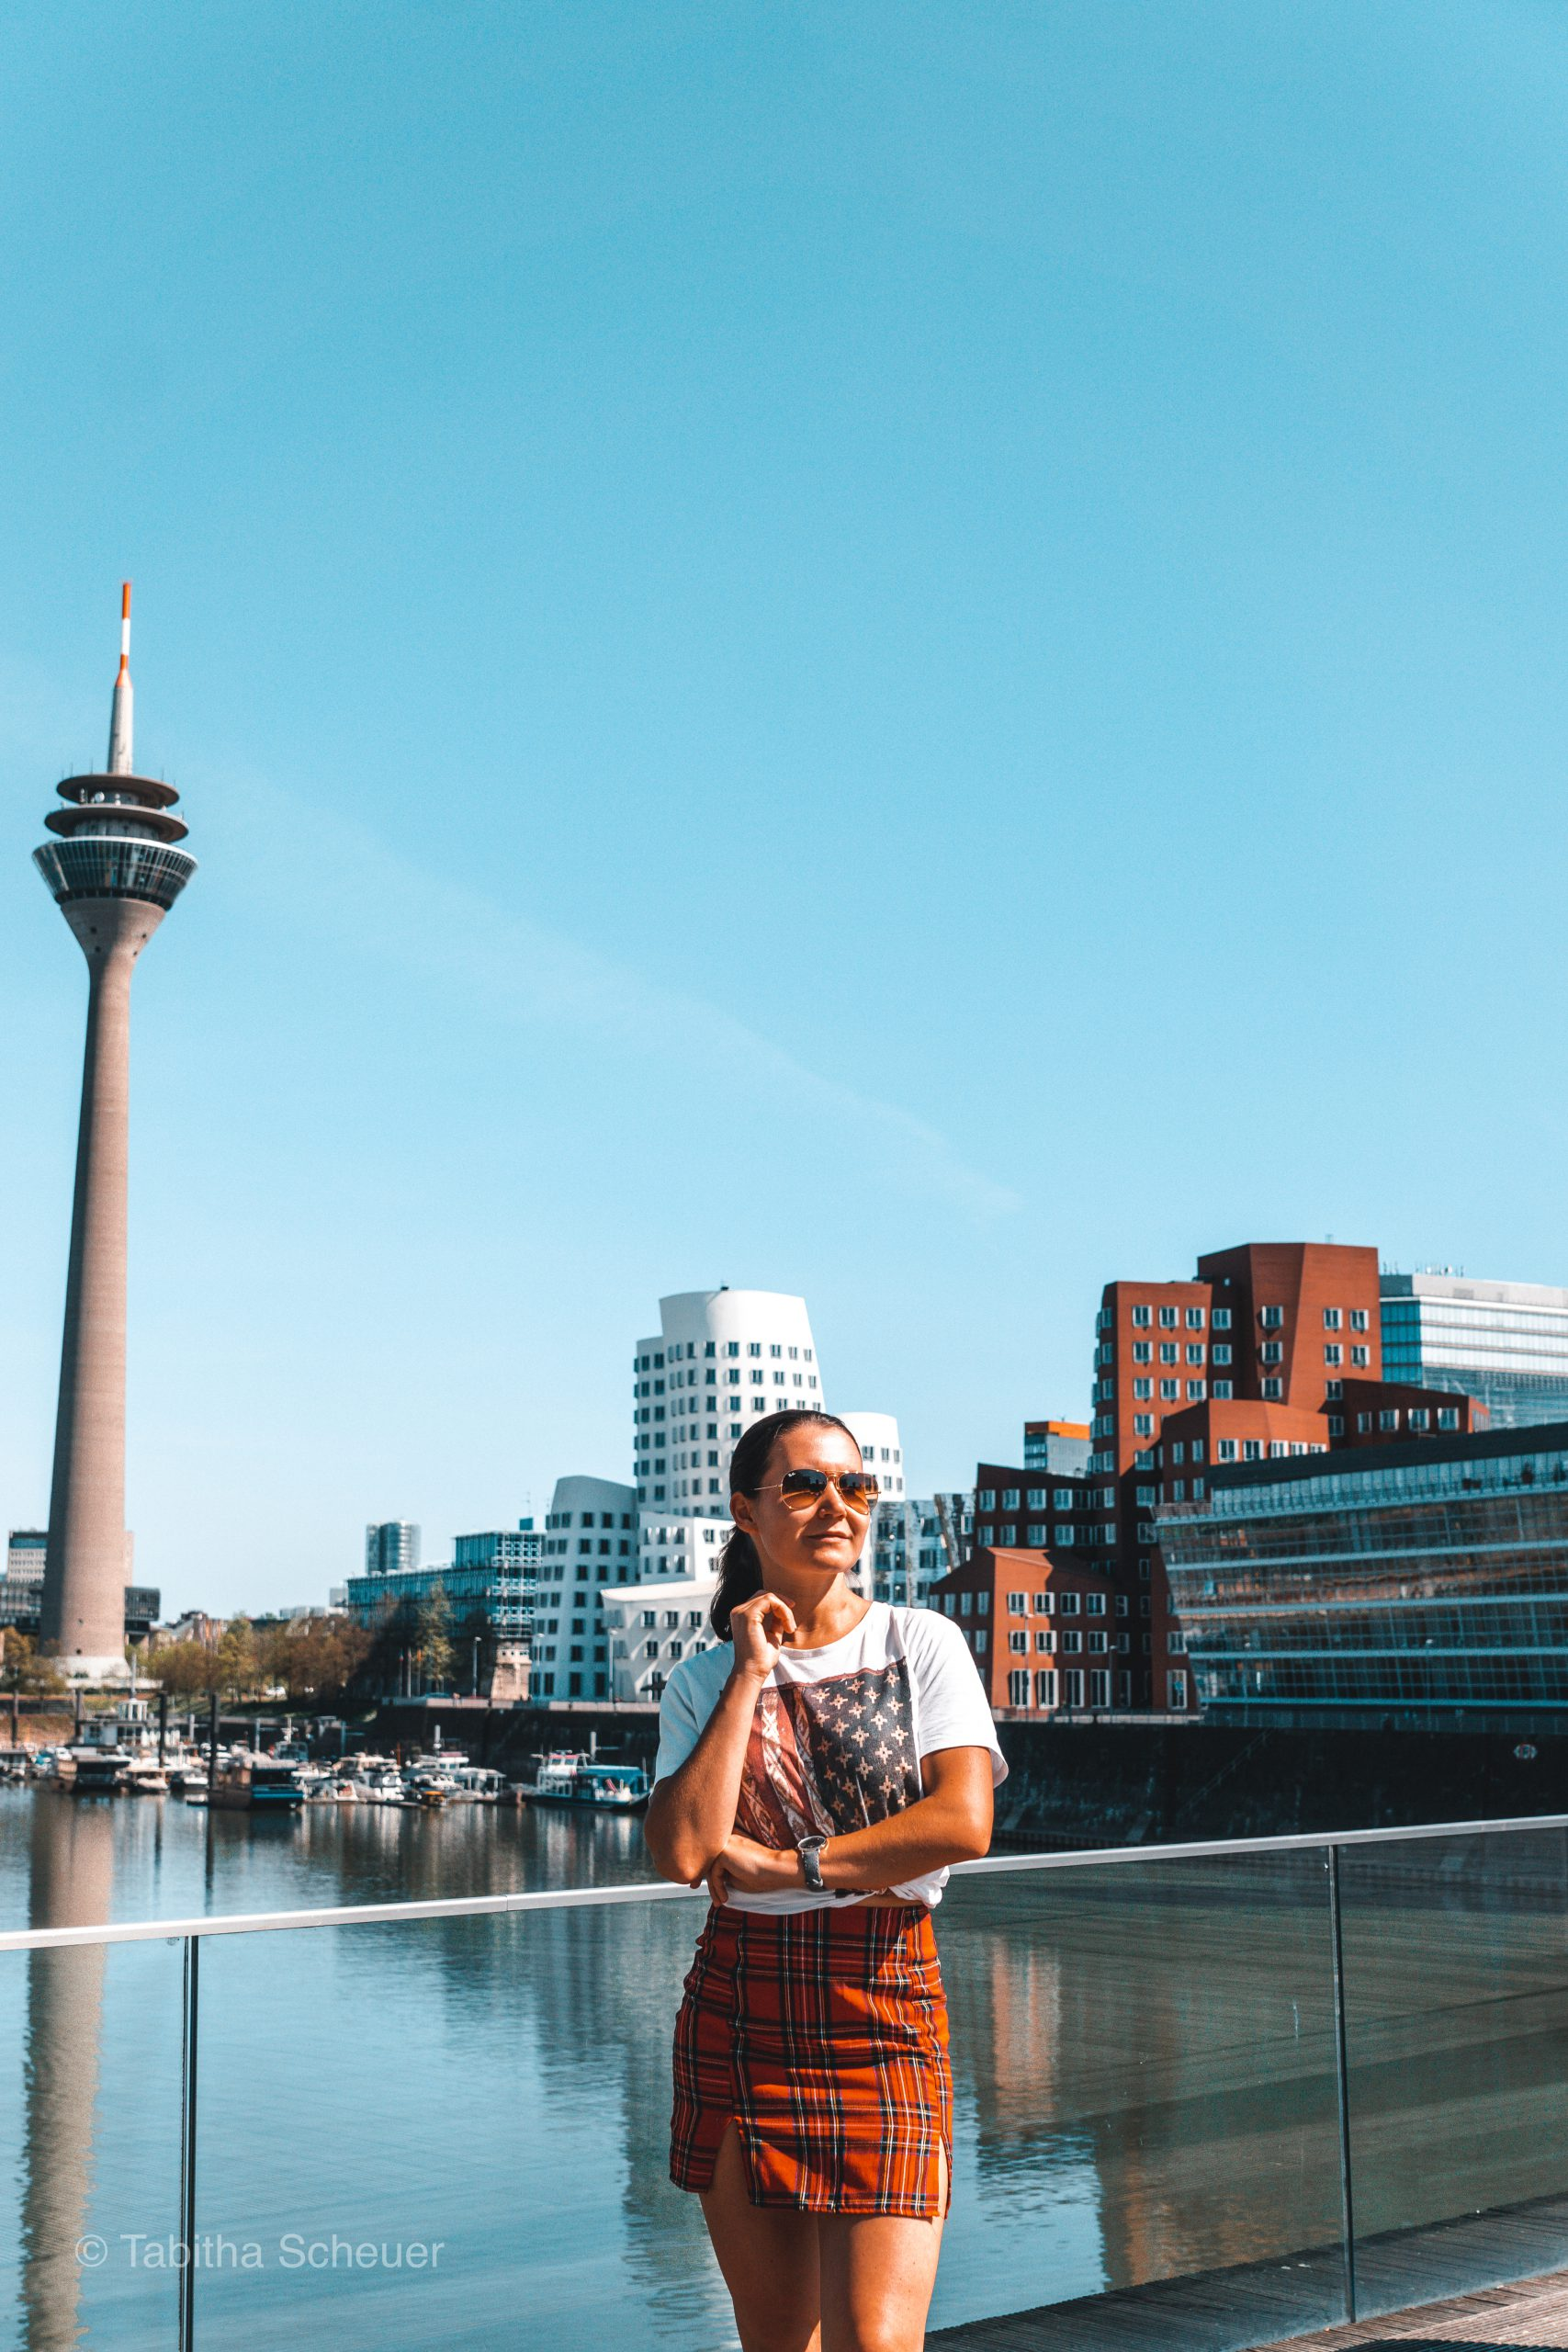 Medienhafen Düsseldorf Photography | Best Photo Spots in Düsseldorf |Dusseldorf Instagram Spots